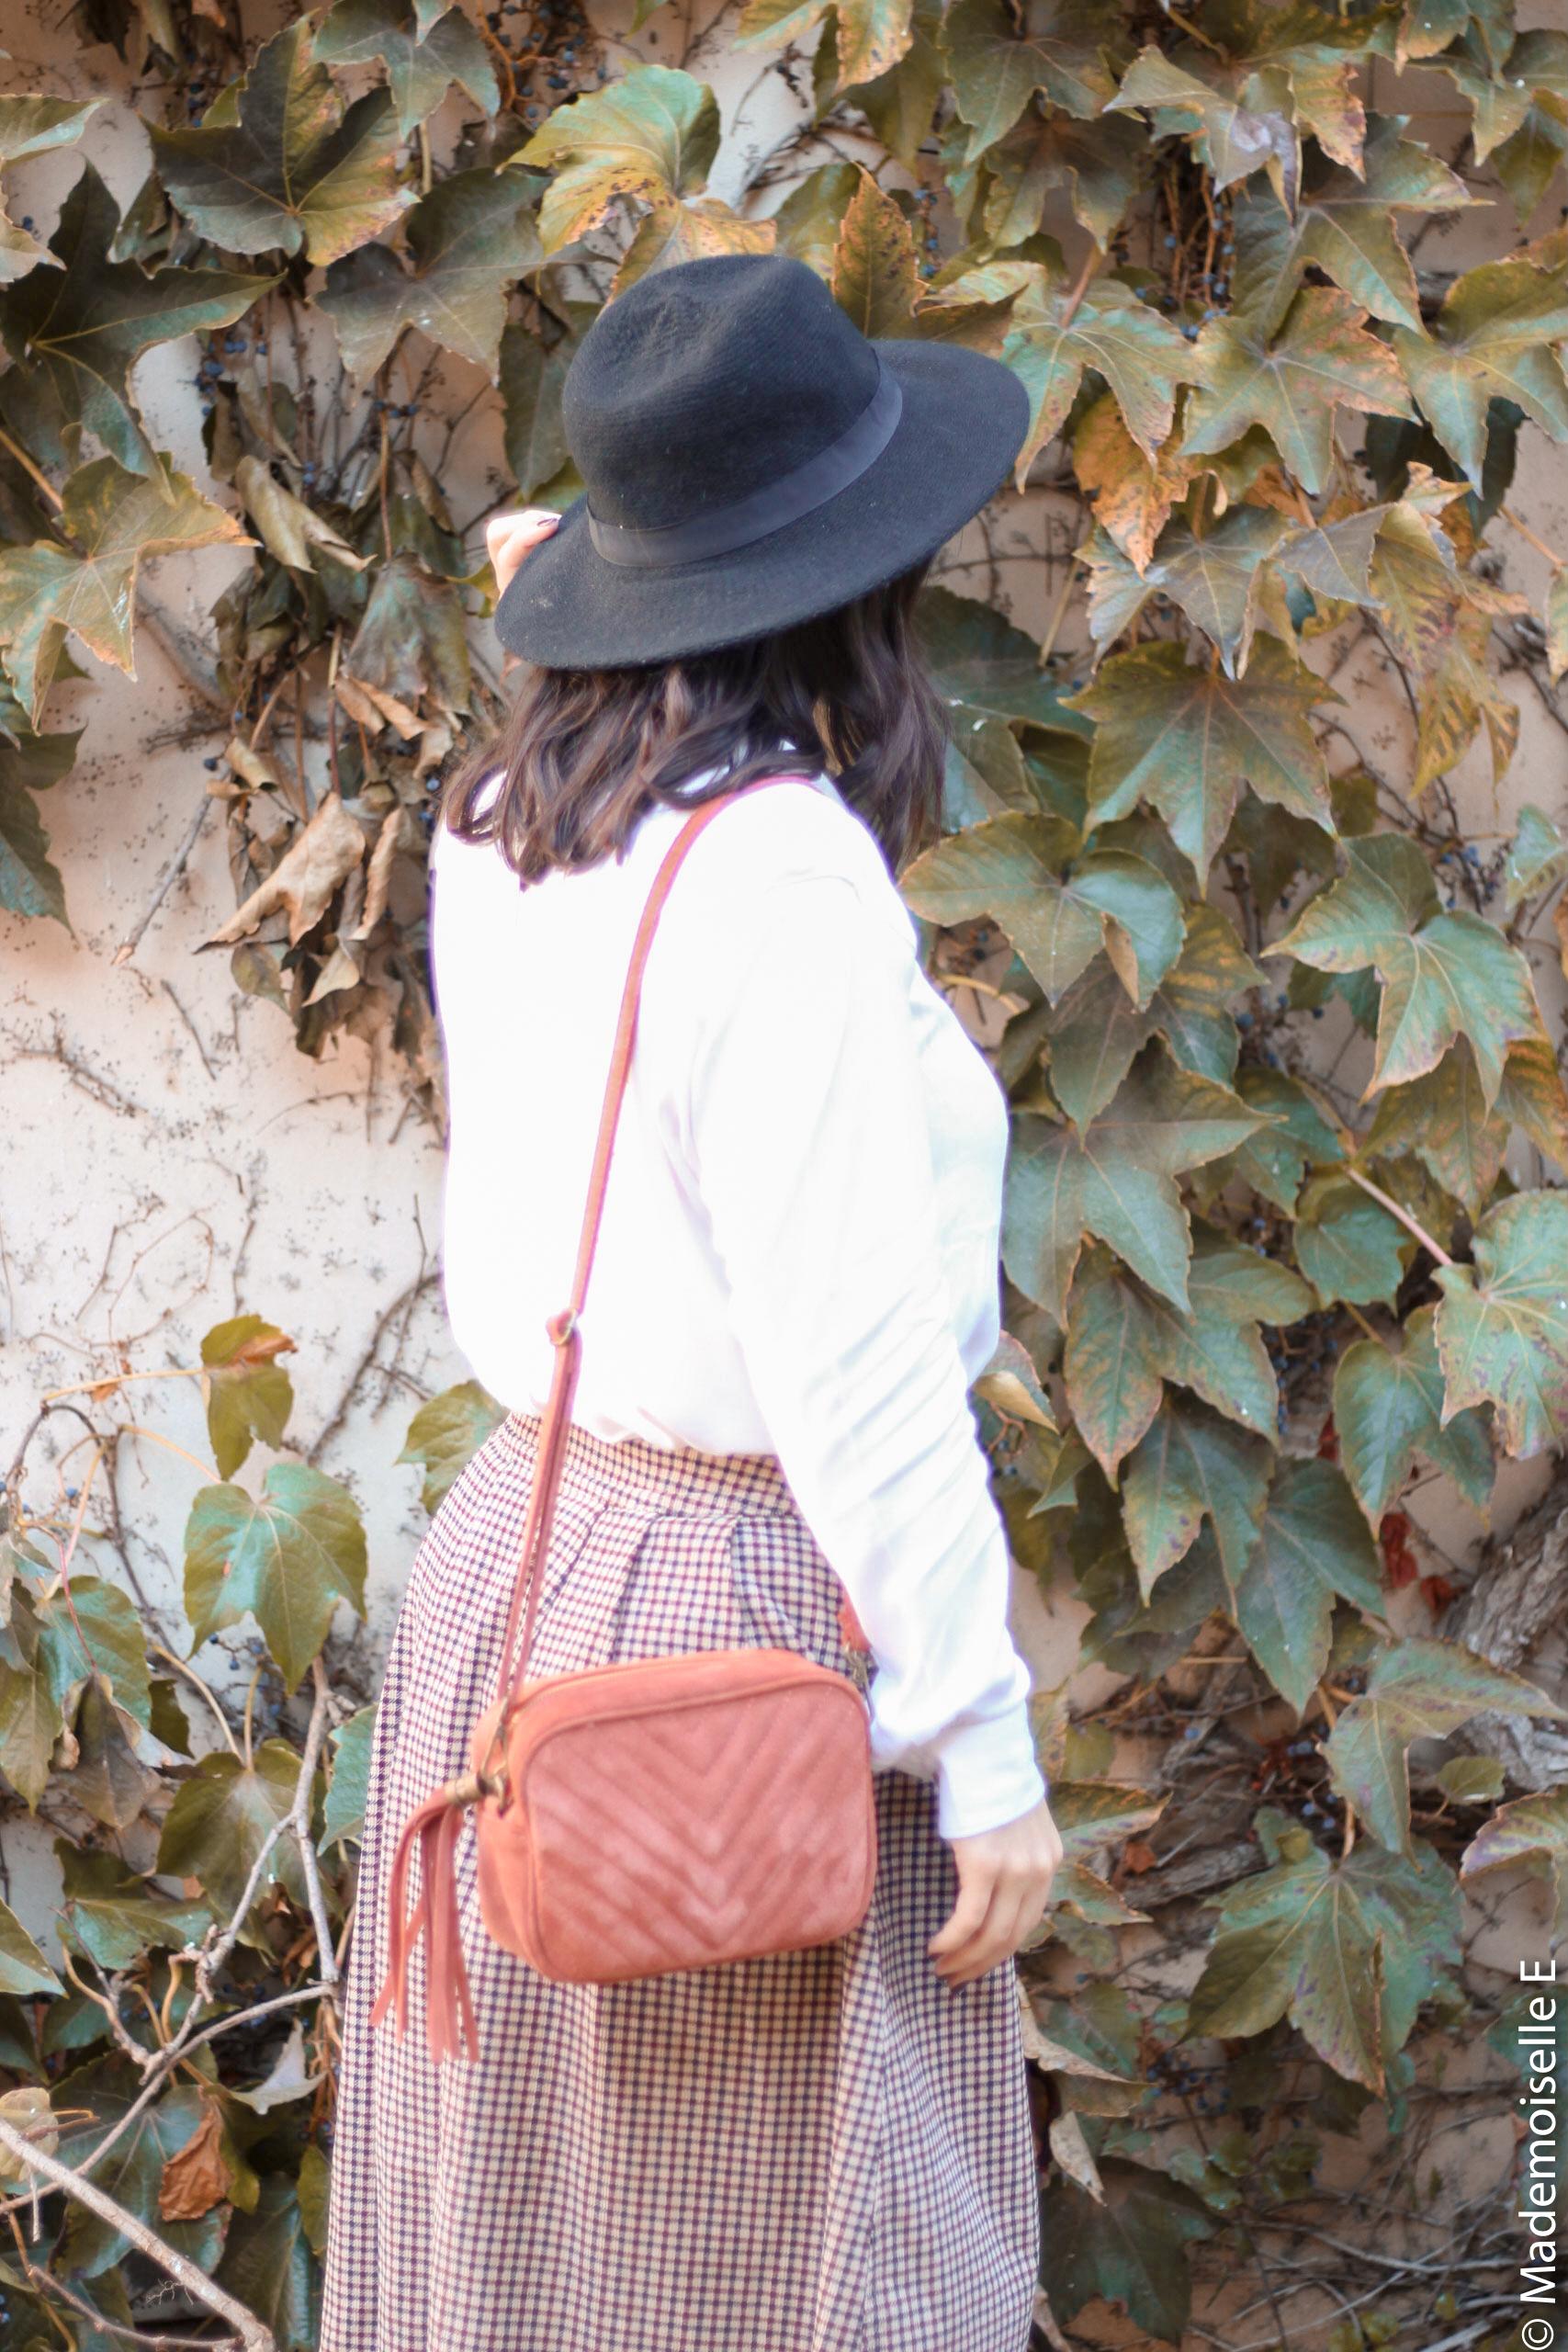 jupe midi Ines de la Fressange x uniqlo 11 mademoiselle-e